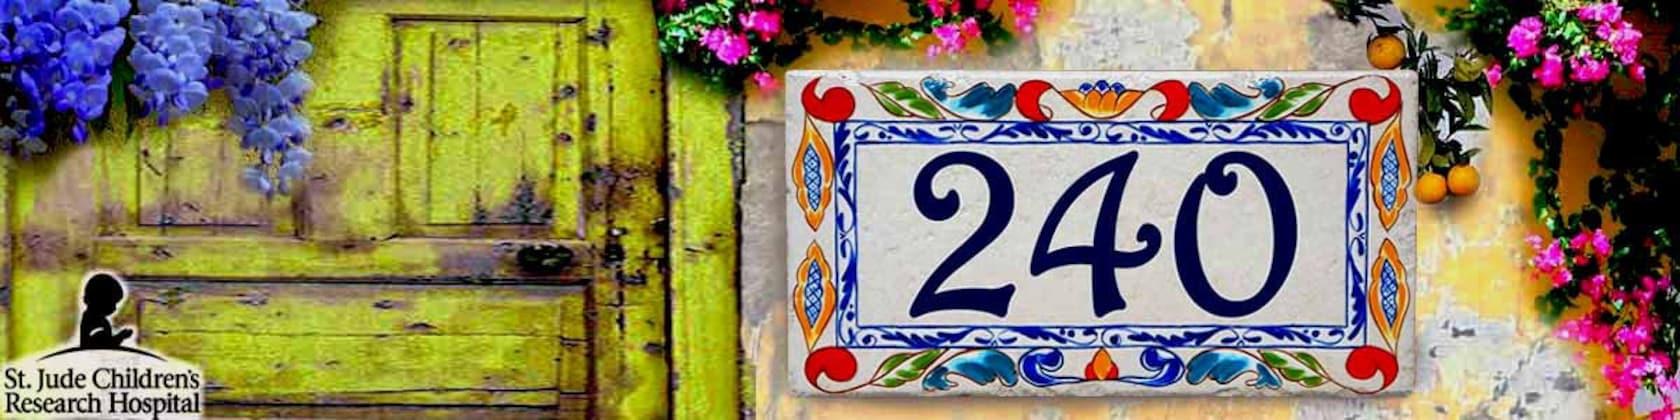 House Numbers Decorative Ceramic Porcelain von BeachStudio7